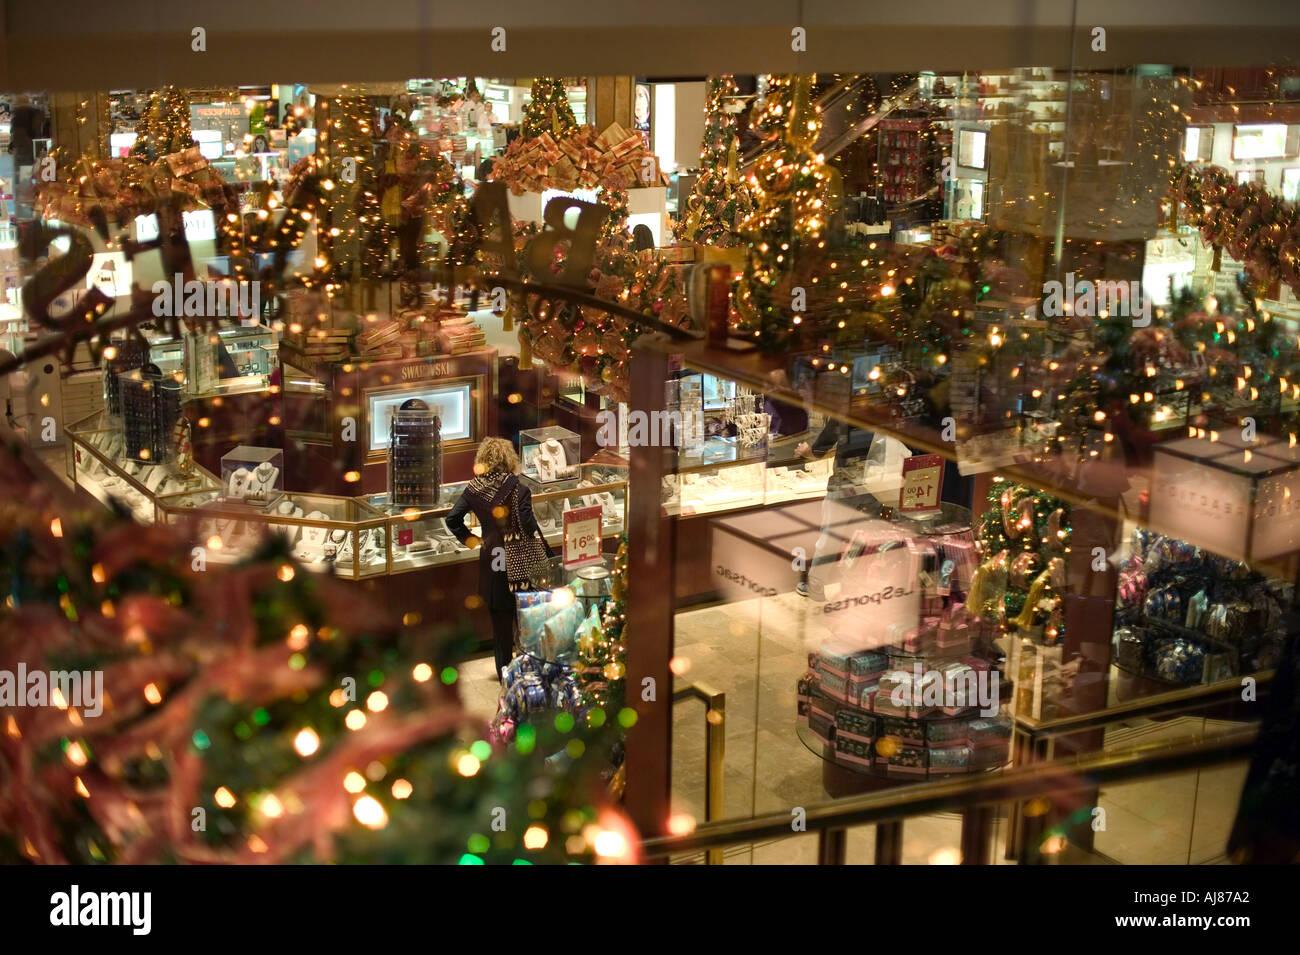 Urlaub Weihnachten Dekorationen im Inneren Macy s Kaufhaus am Herald ...